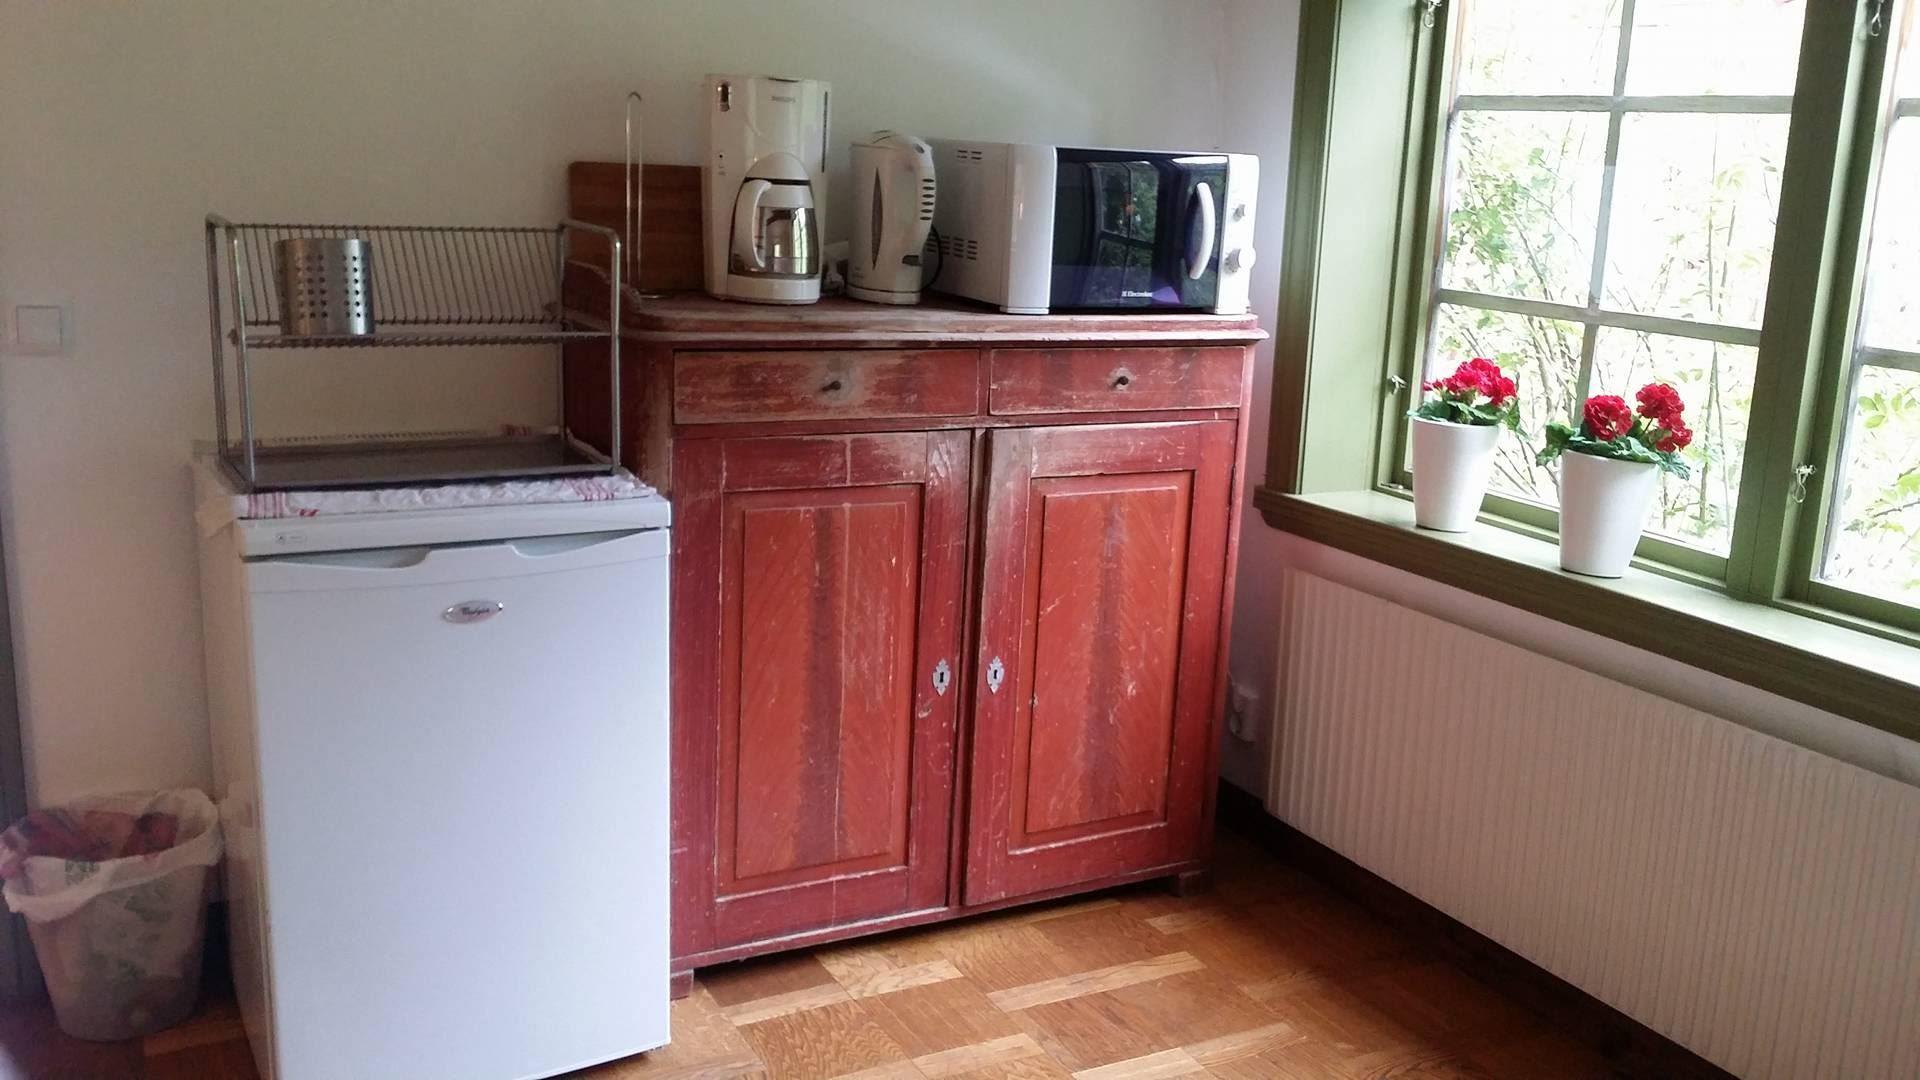 S5703 Private accommodation in Skrängstabodarna, Njurunda